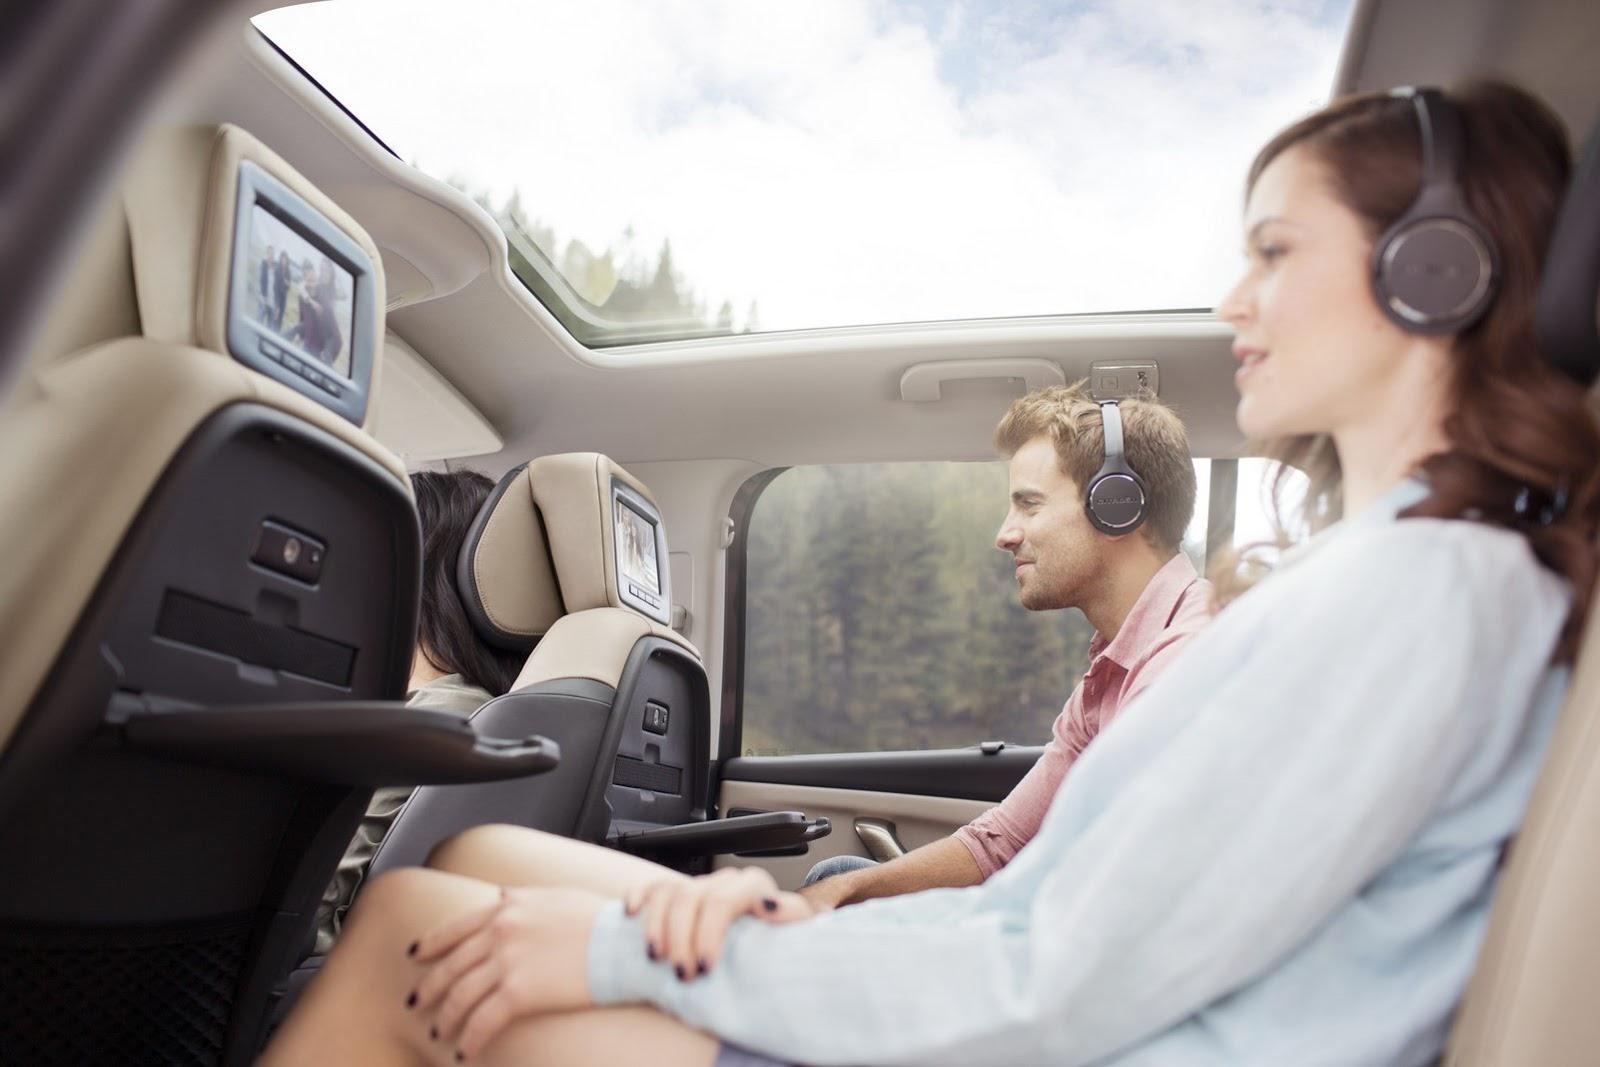 [SUJET OFFICIEL] Citroën Grand C4 Picasso II  - Page 4 Citroen-Grand-C4-Picasso-35%25255B2%25255D